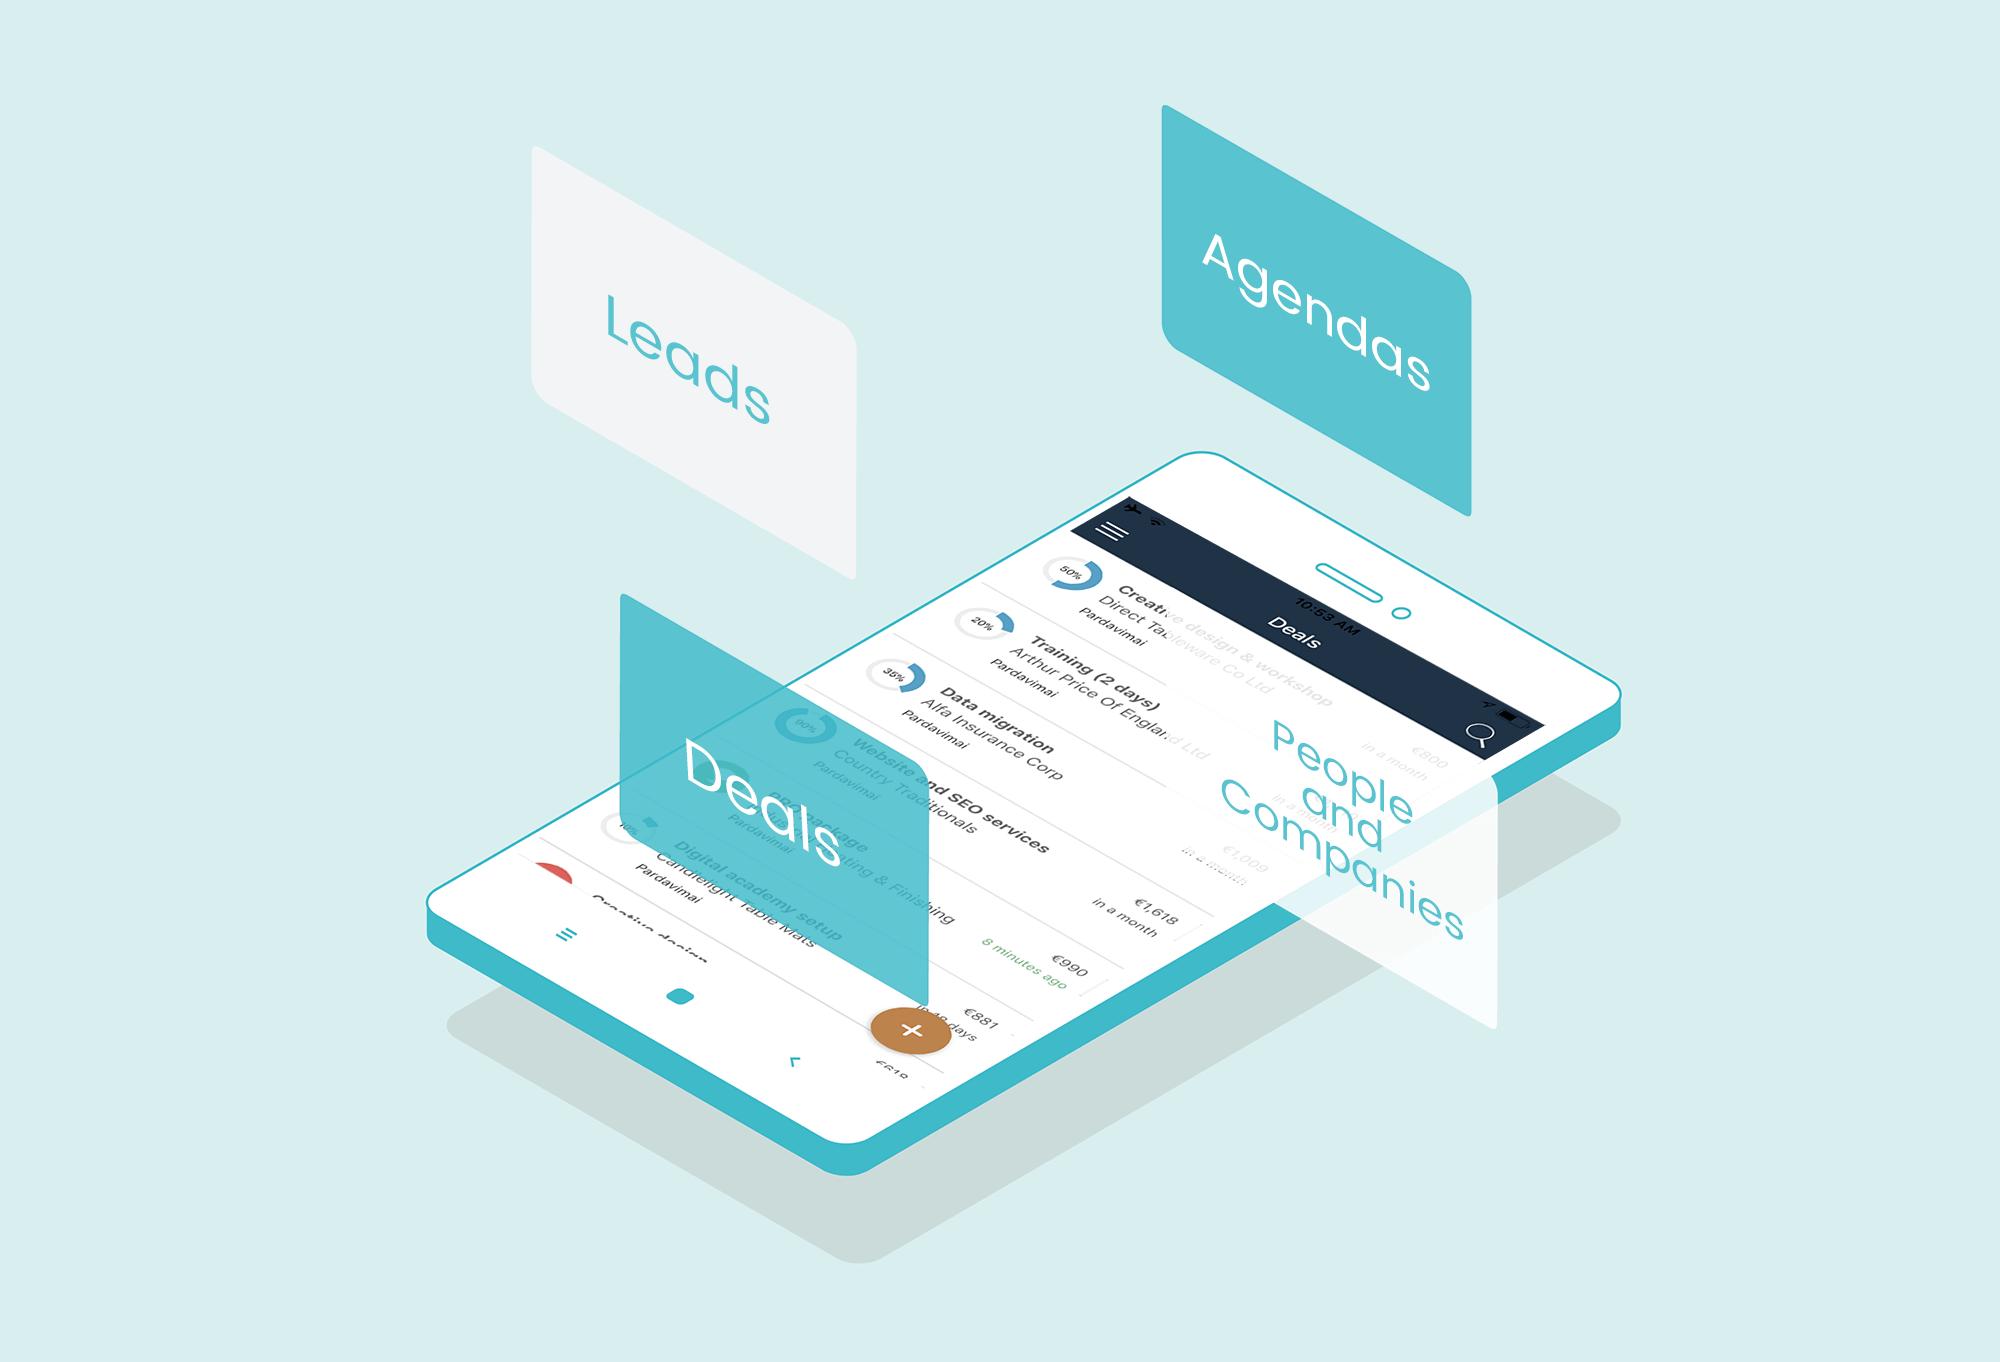 Mobile Sales App Teamgate